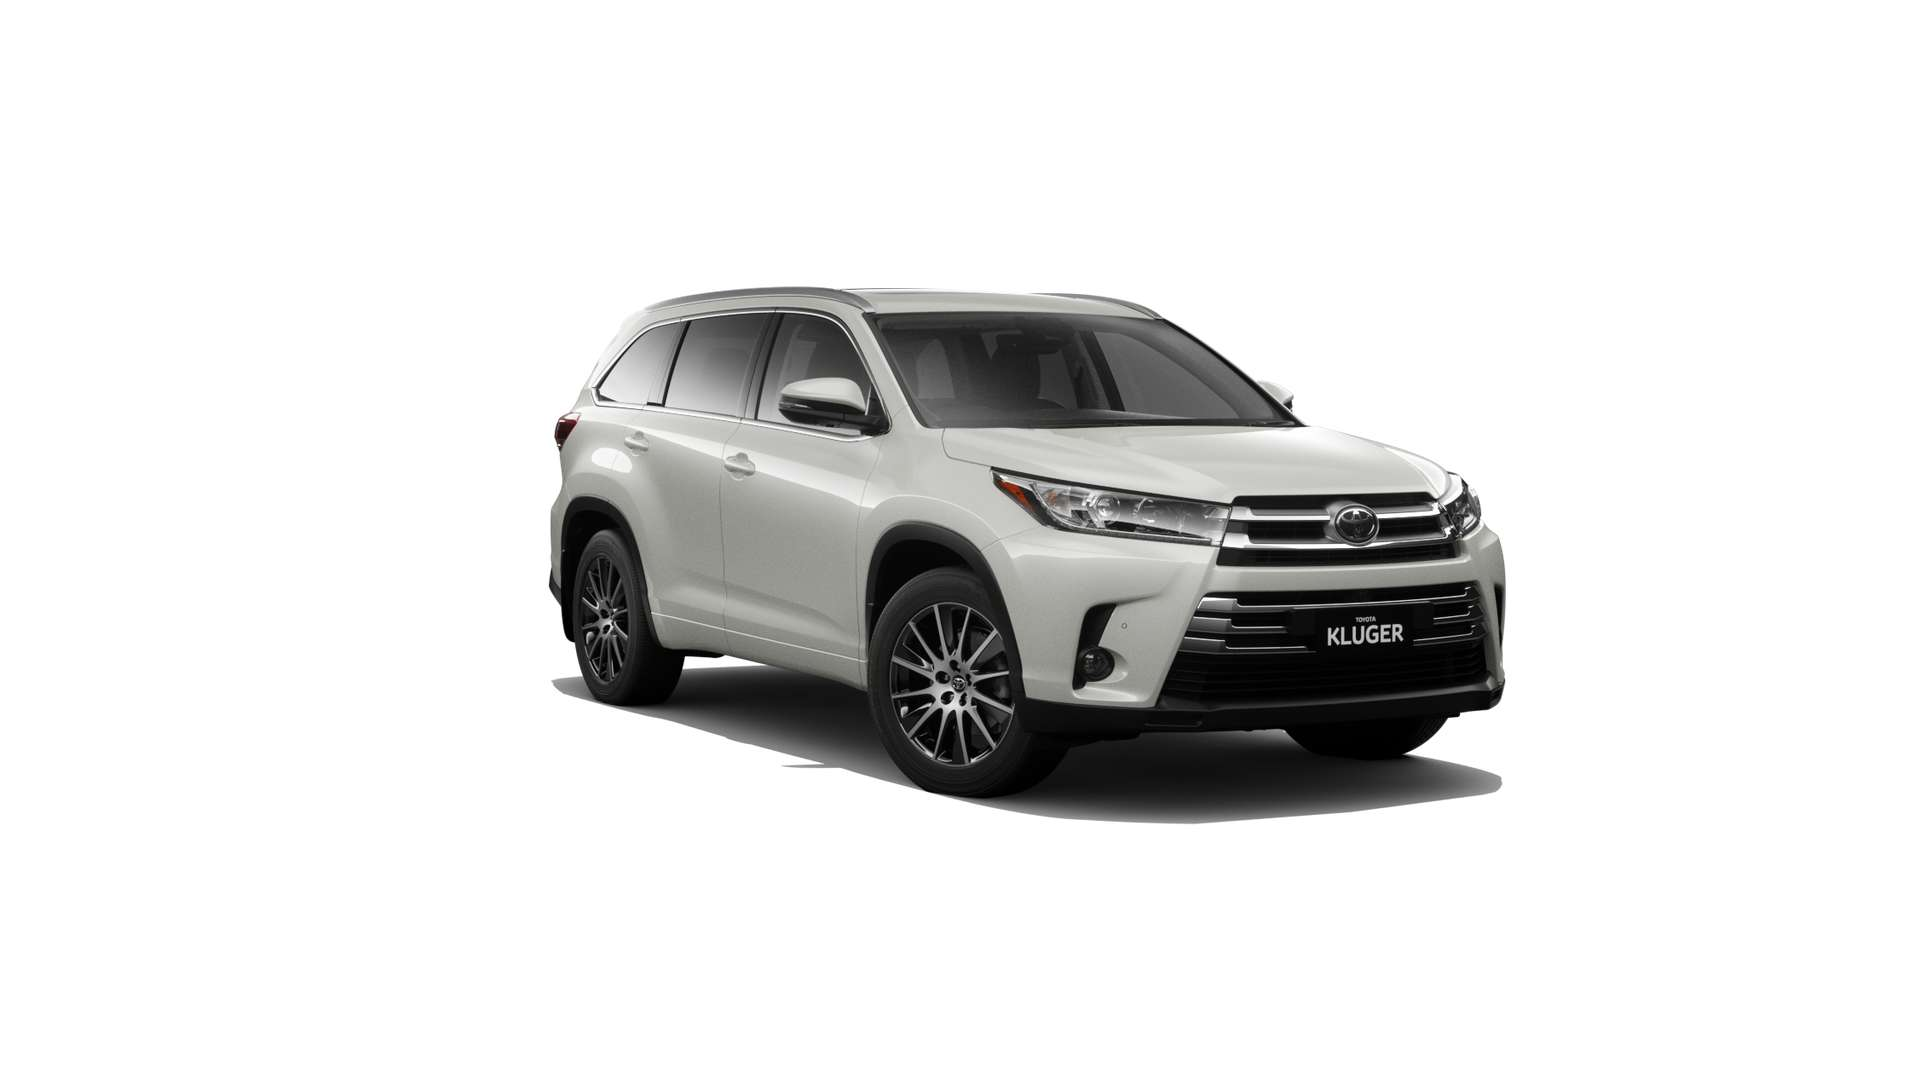 e7574879b2 New Toyota Kluger Grande 2WD